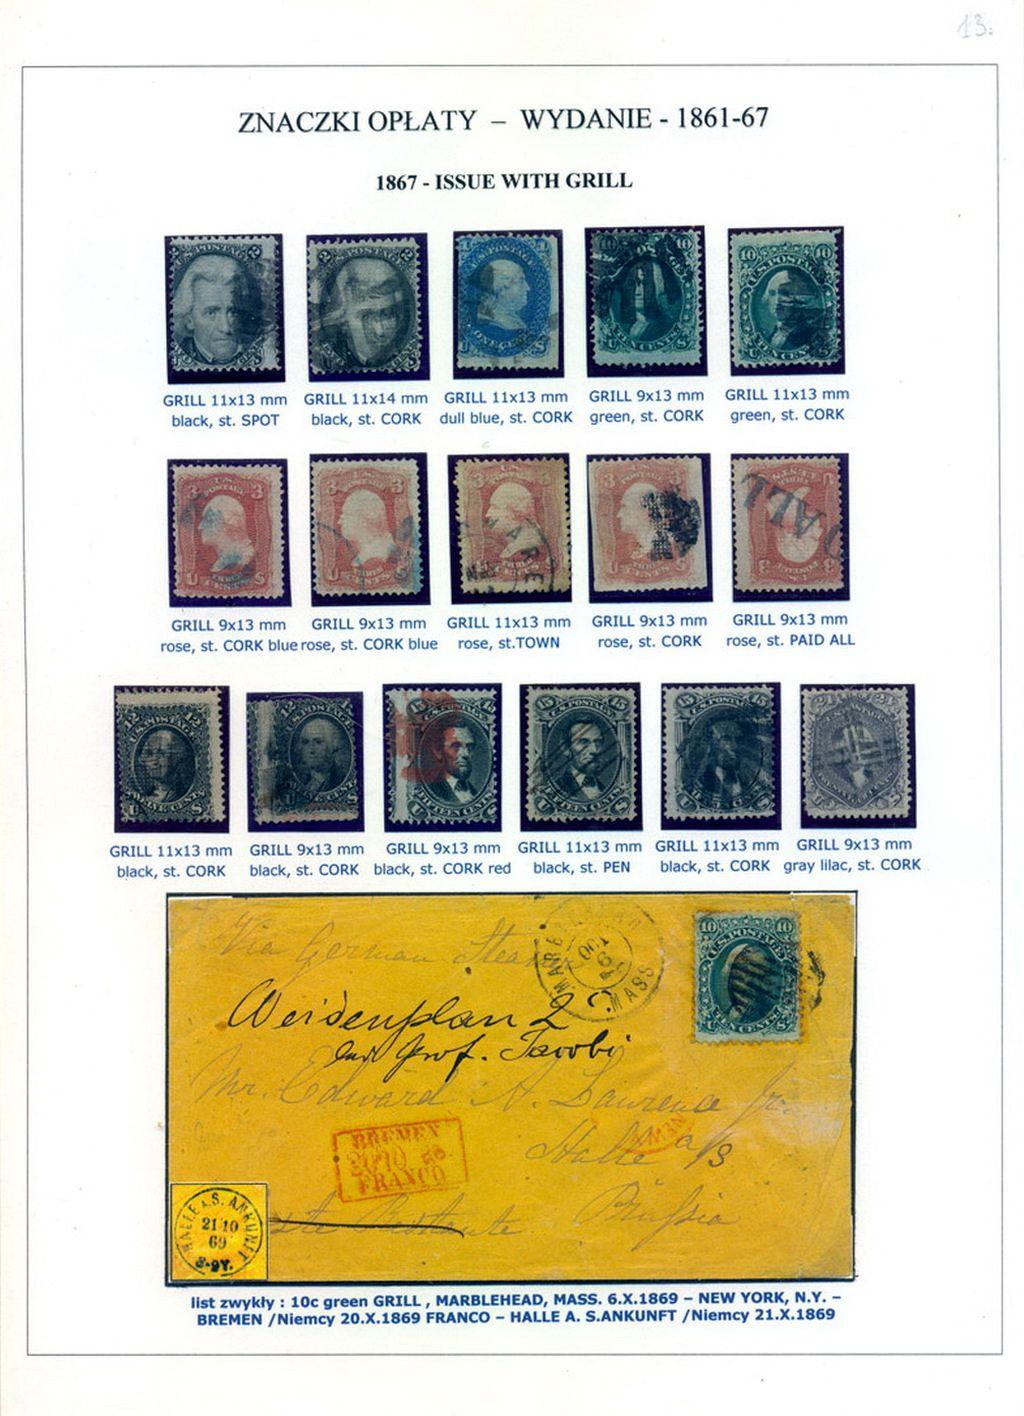 Philatelistisches Exponat: DIE VEREINIGTEN STAATEN VON AMERIKA 1847-1947